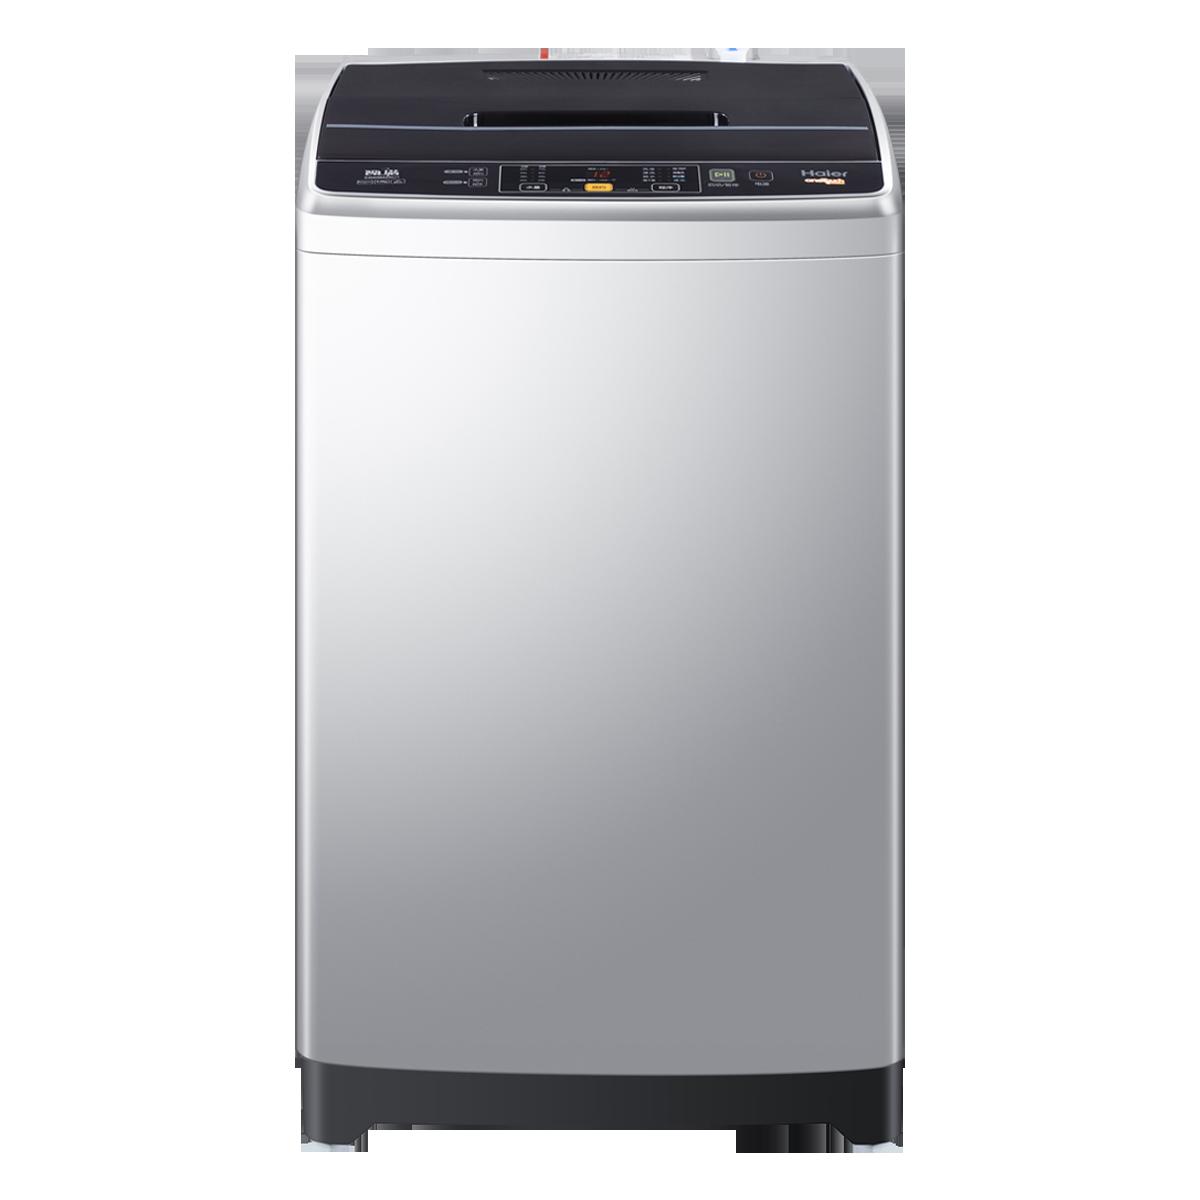 海尔Haier洗衣机 EB85M2SU1 说明书